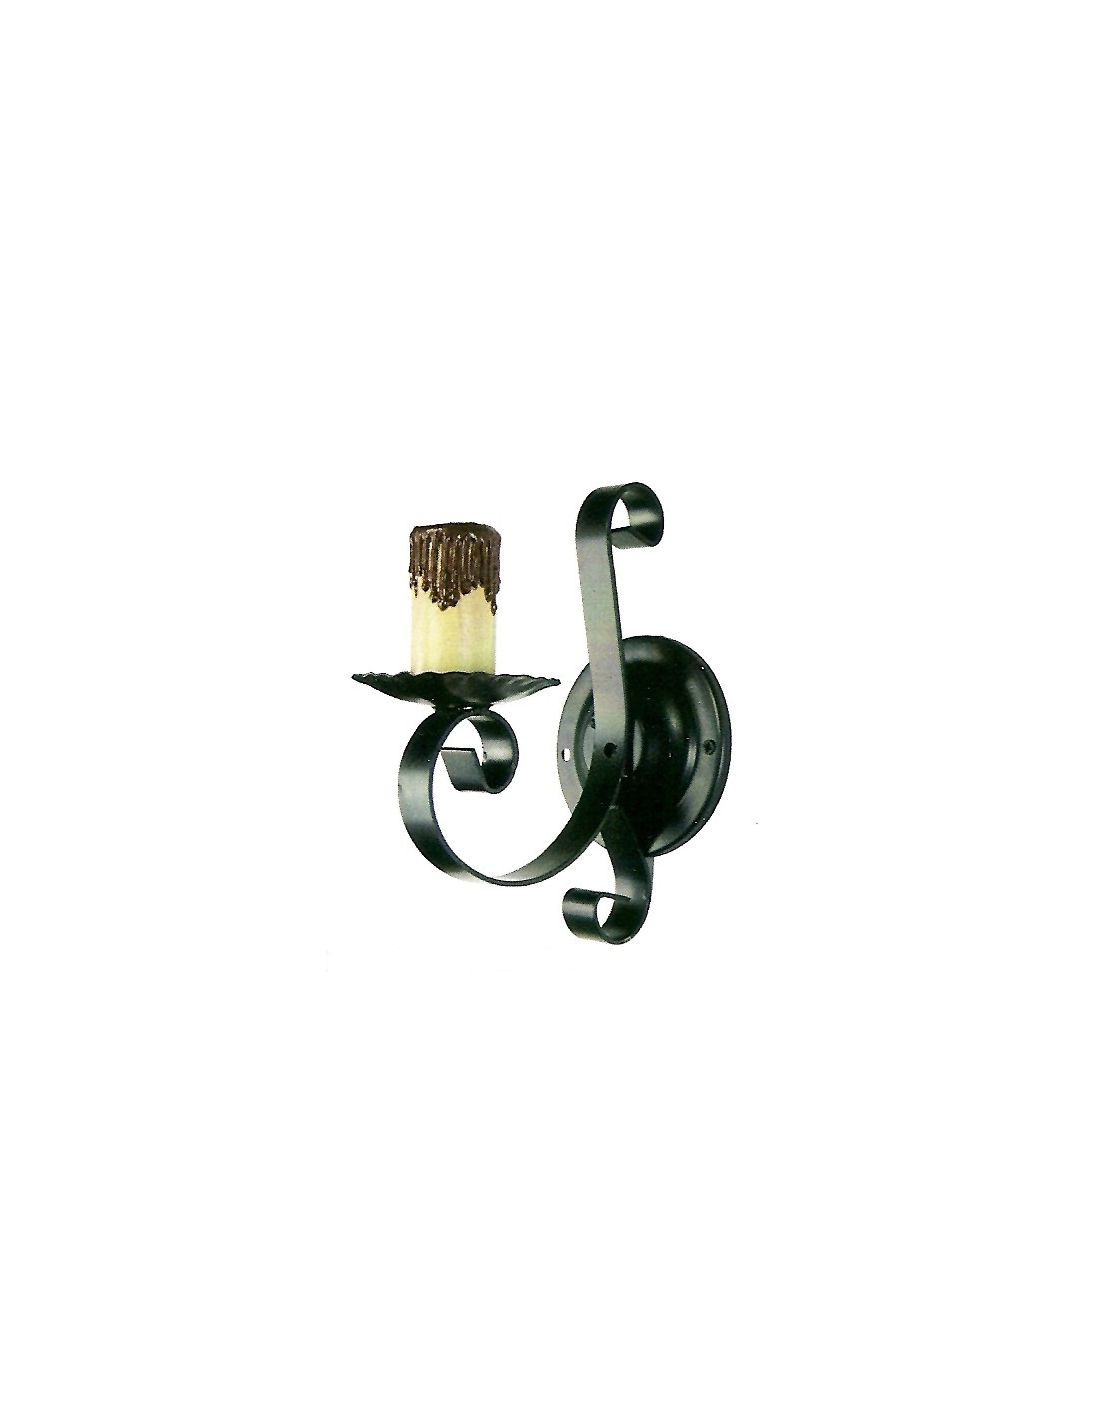 Apliques de hierro baratos env o r pido y seguro - Apliques rusticos de pared ...